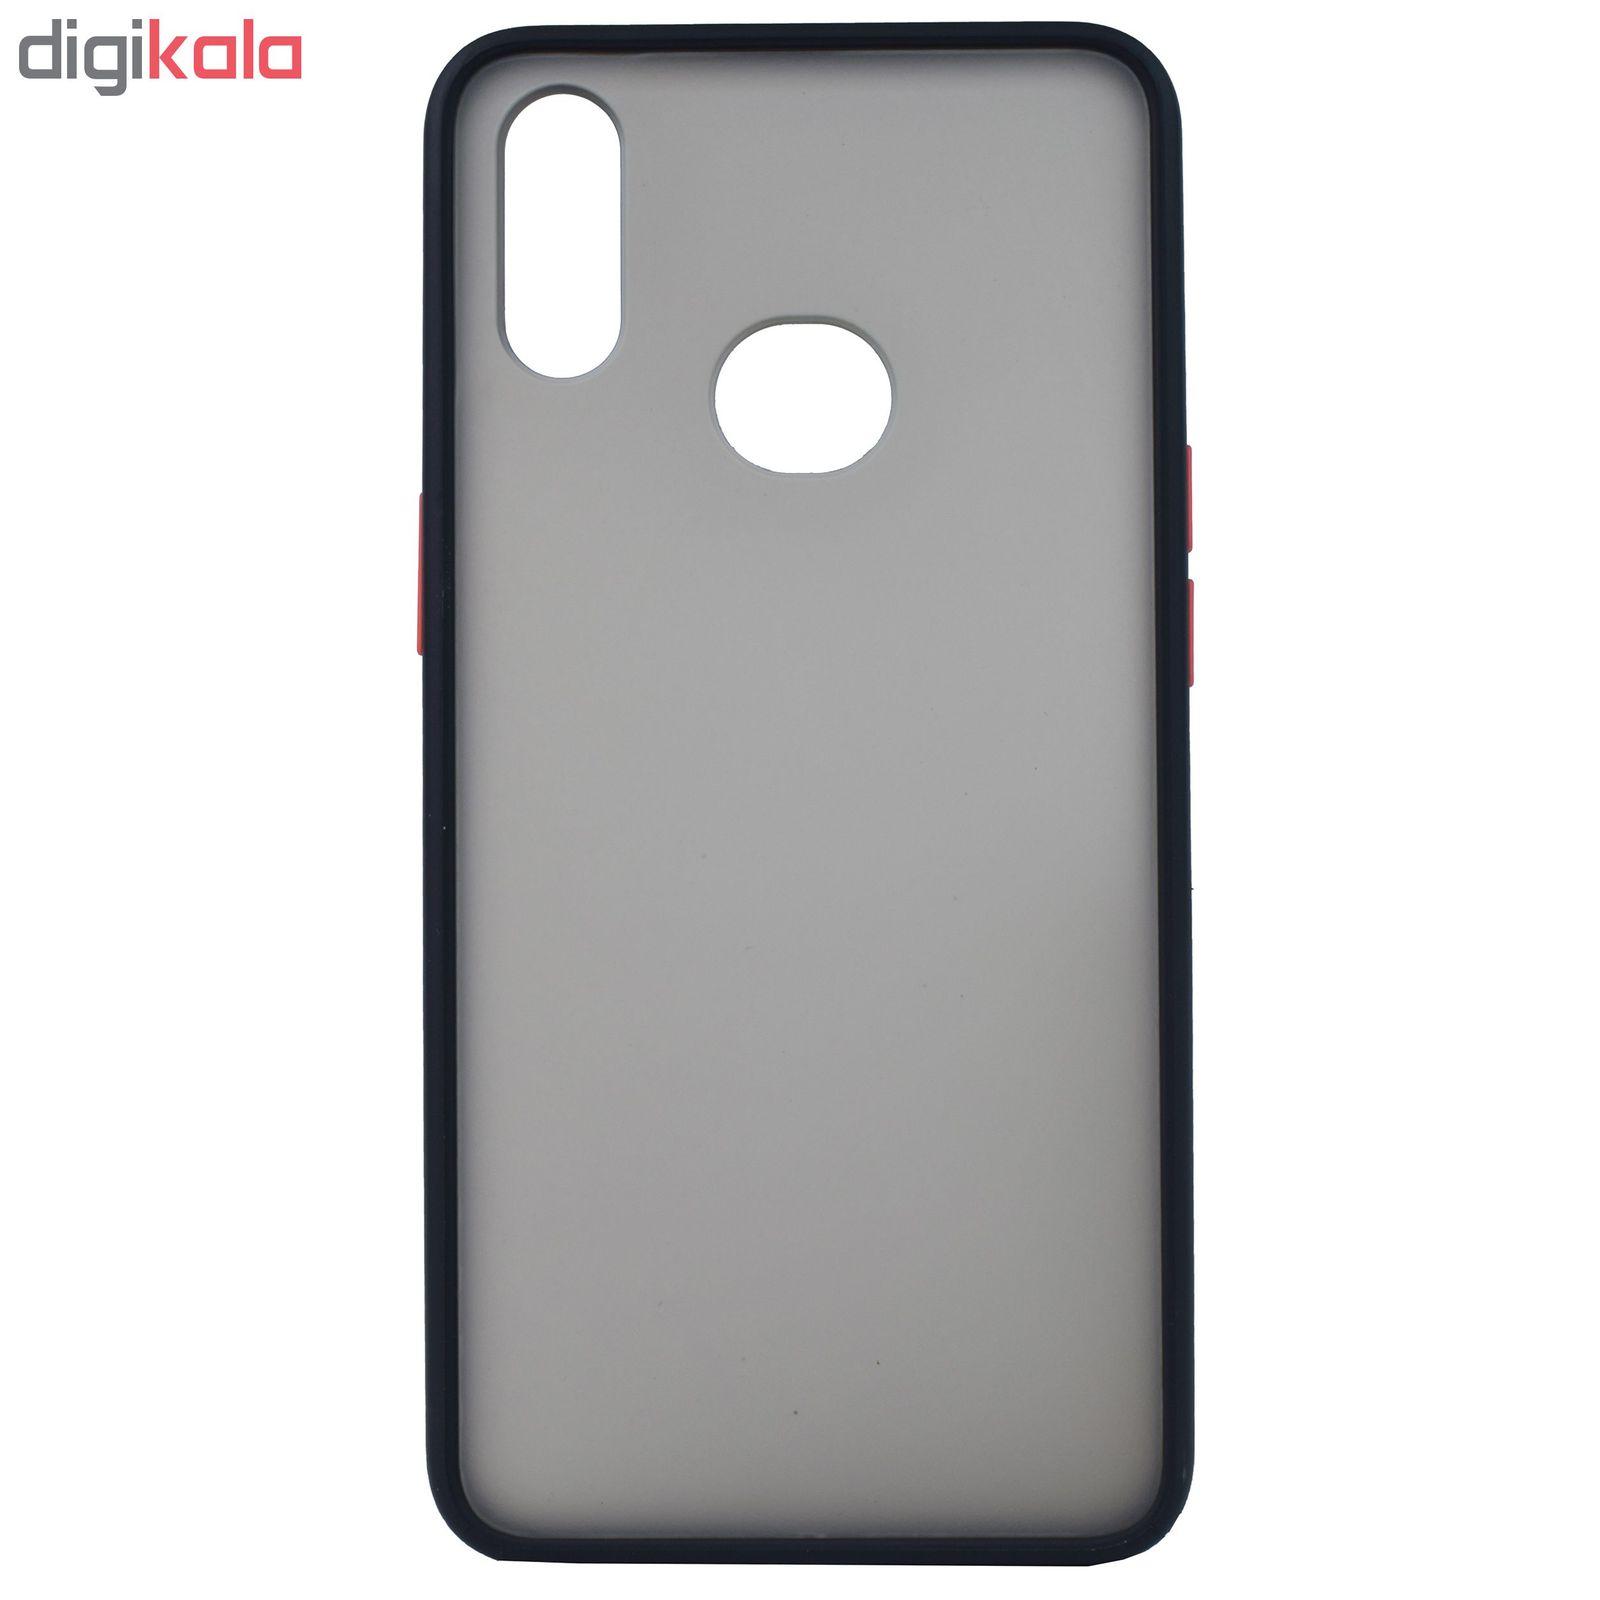 کاور مدل Slico01 مناسب برای گوشی موبایل سامسونگ Galaxy A10S main 1 10